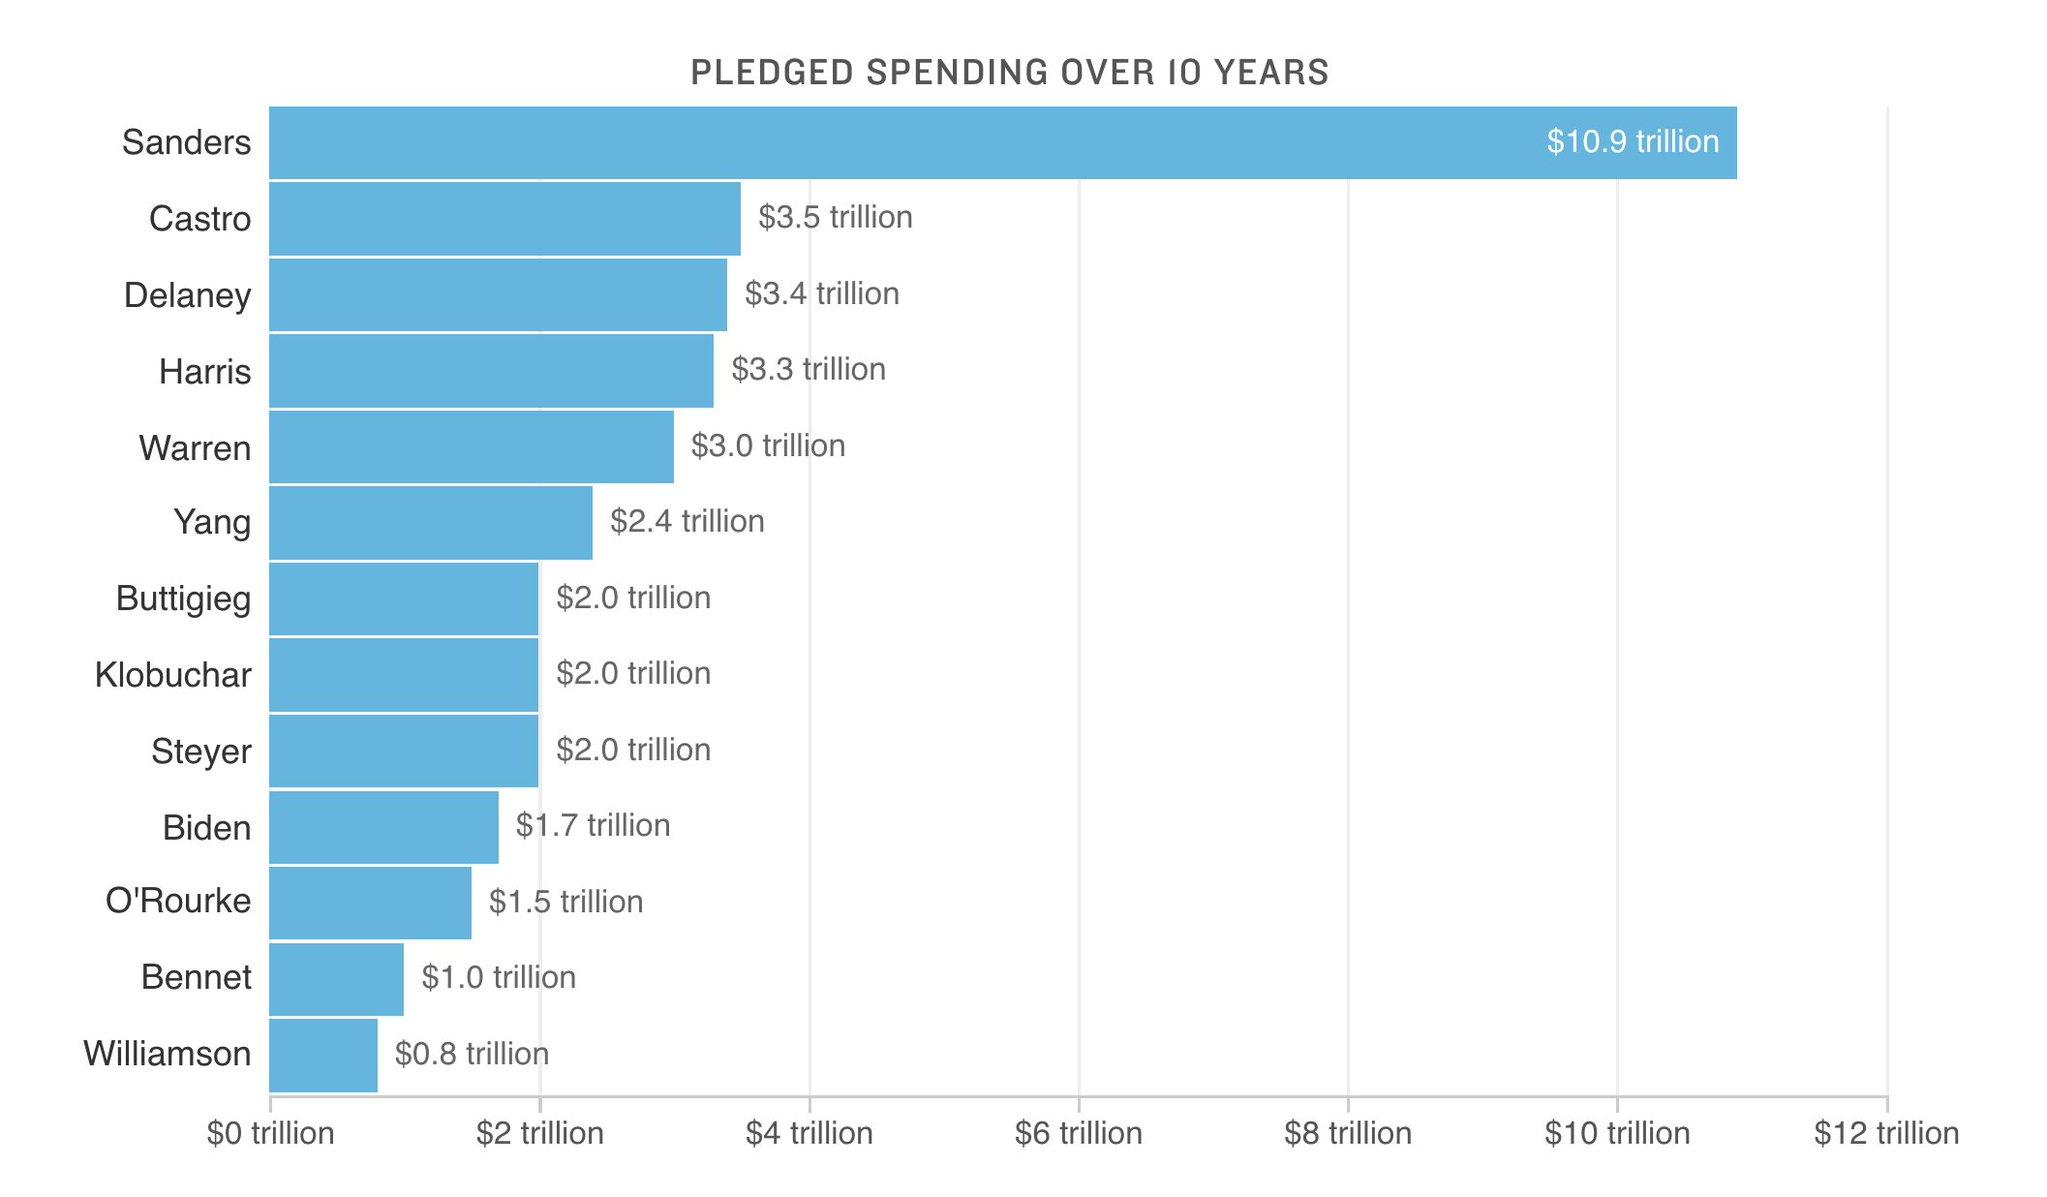 Pledged Green New Deal Spending…